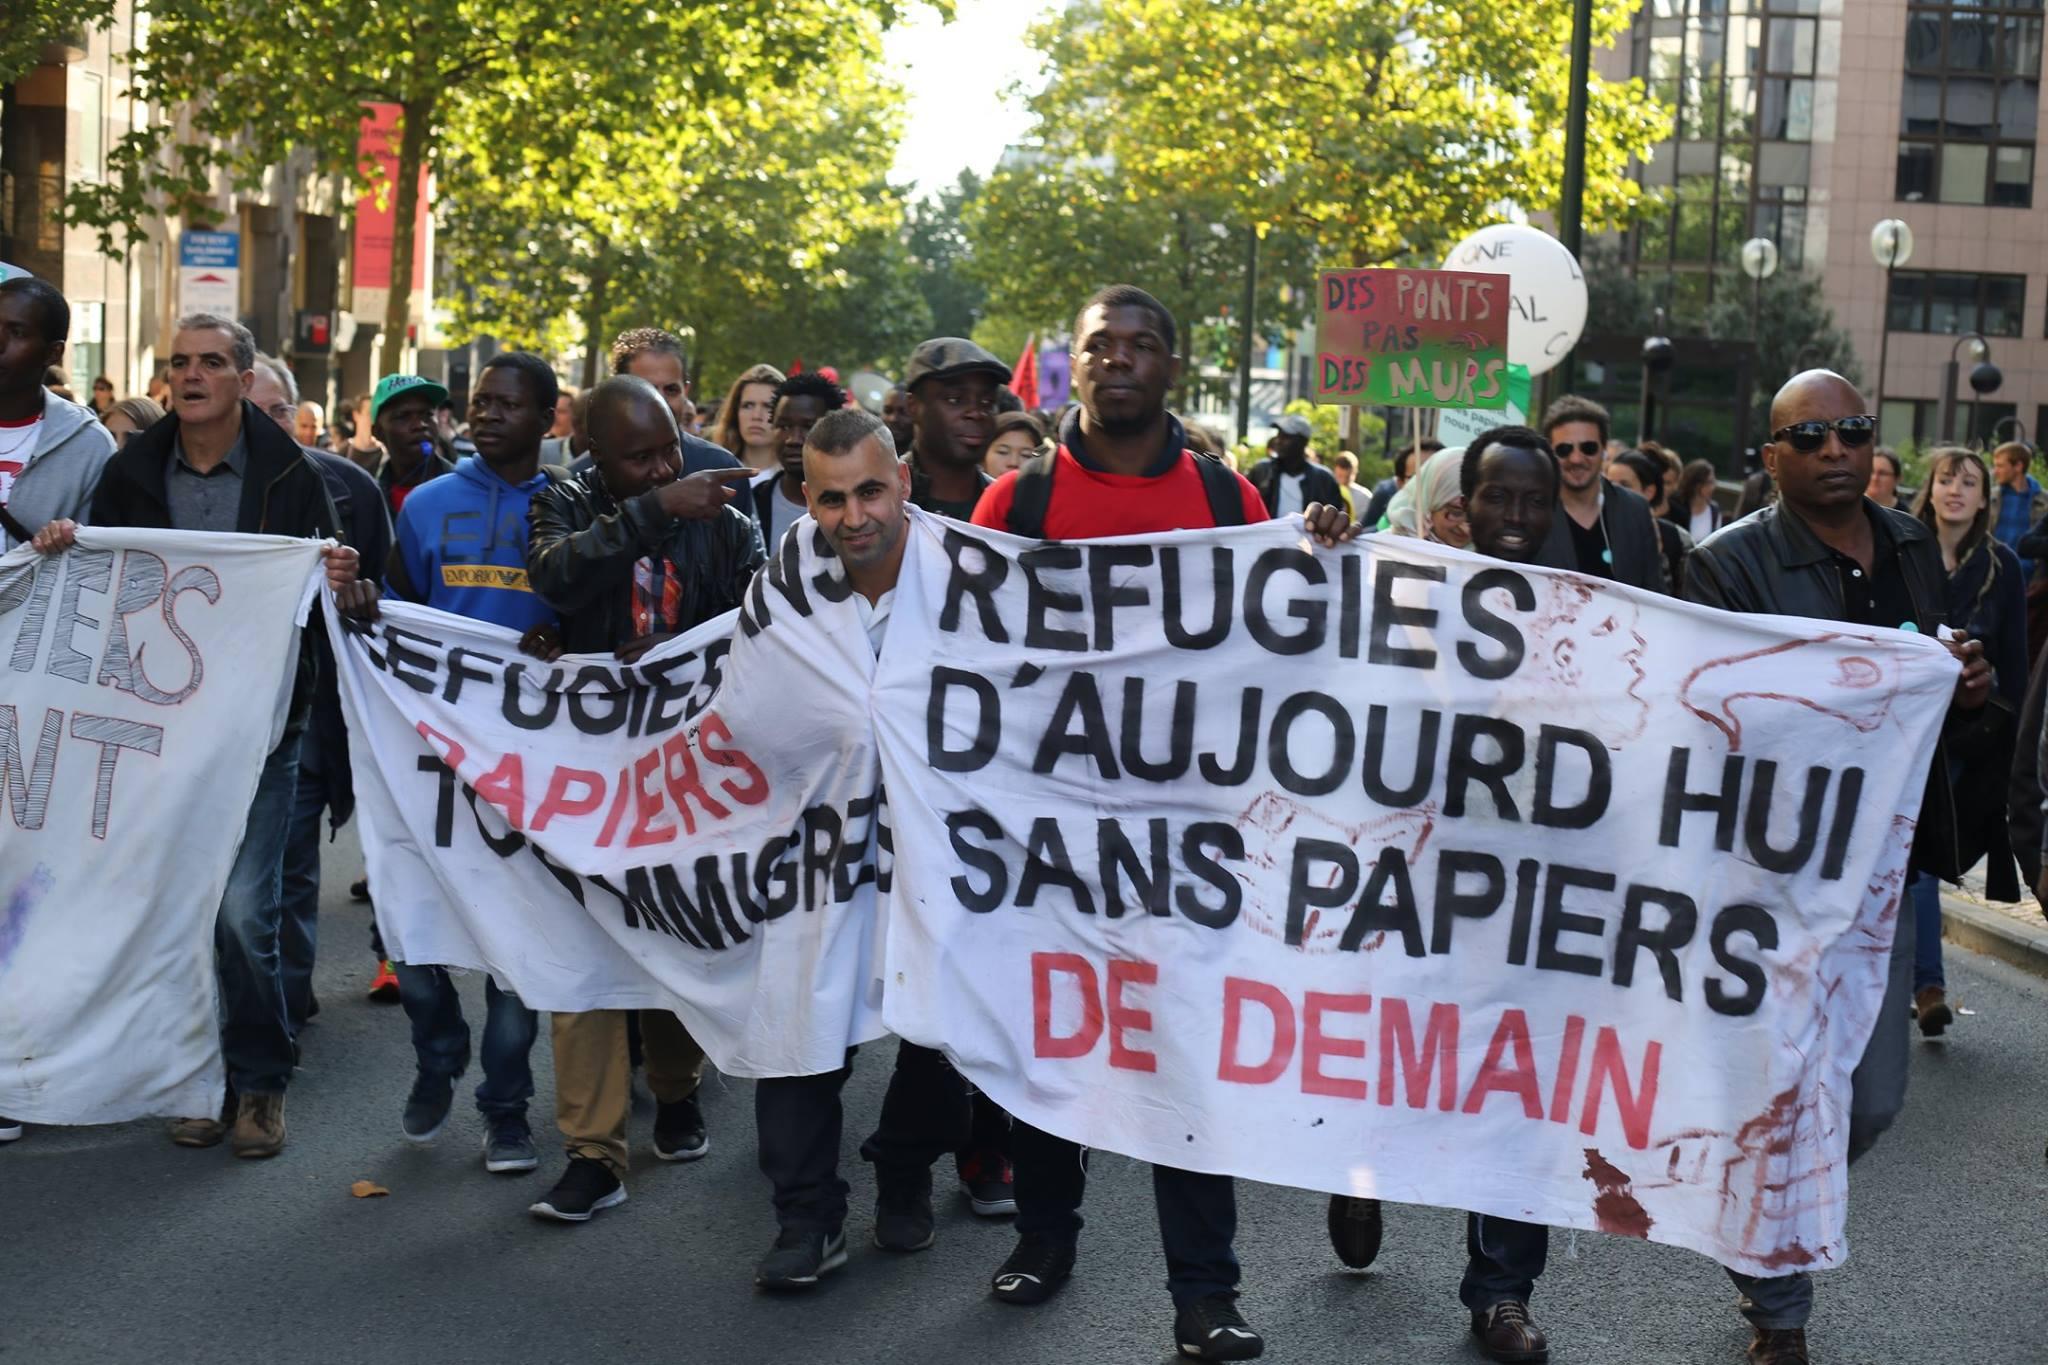 Fotoreportage vanop betoging 'Refugees welcome'